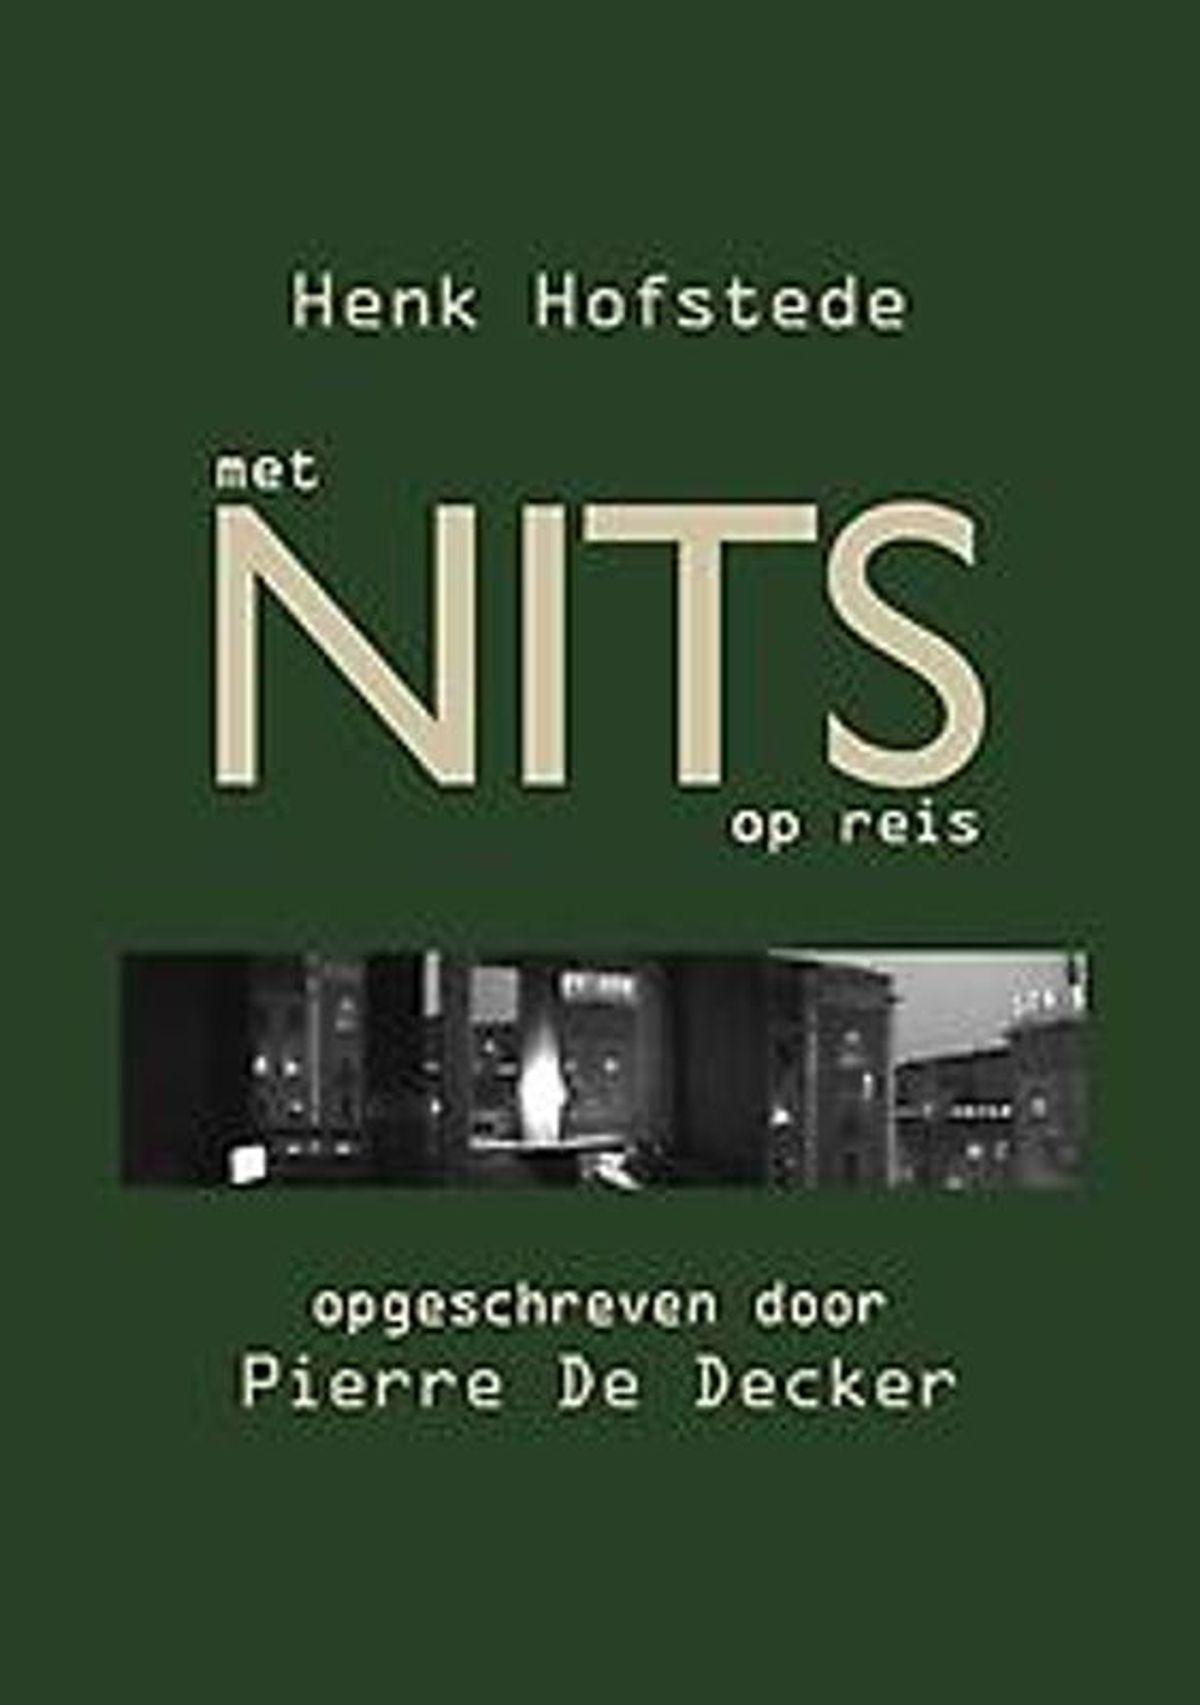 Boekbespreking: 'Met NITS op reis' (Henk Hofstede - Pierre De Decker)